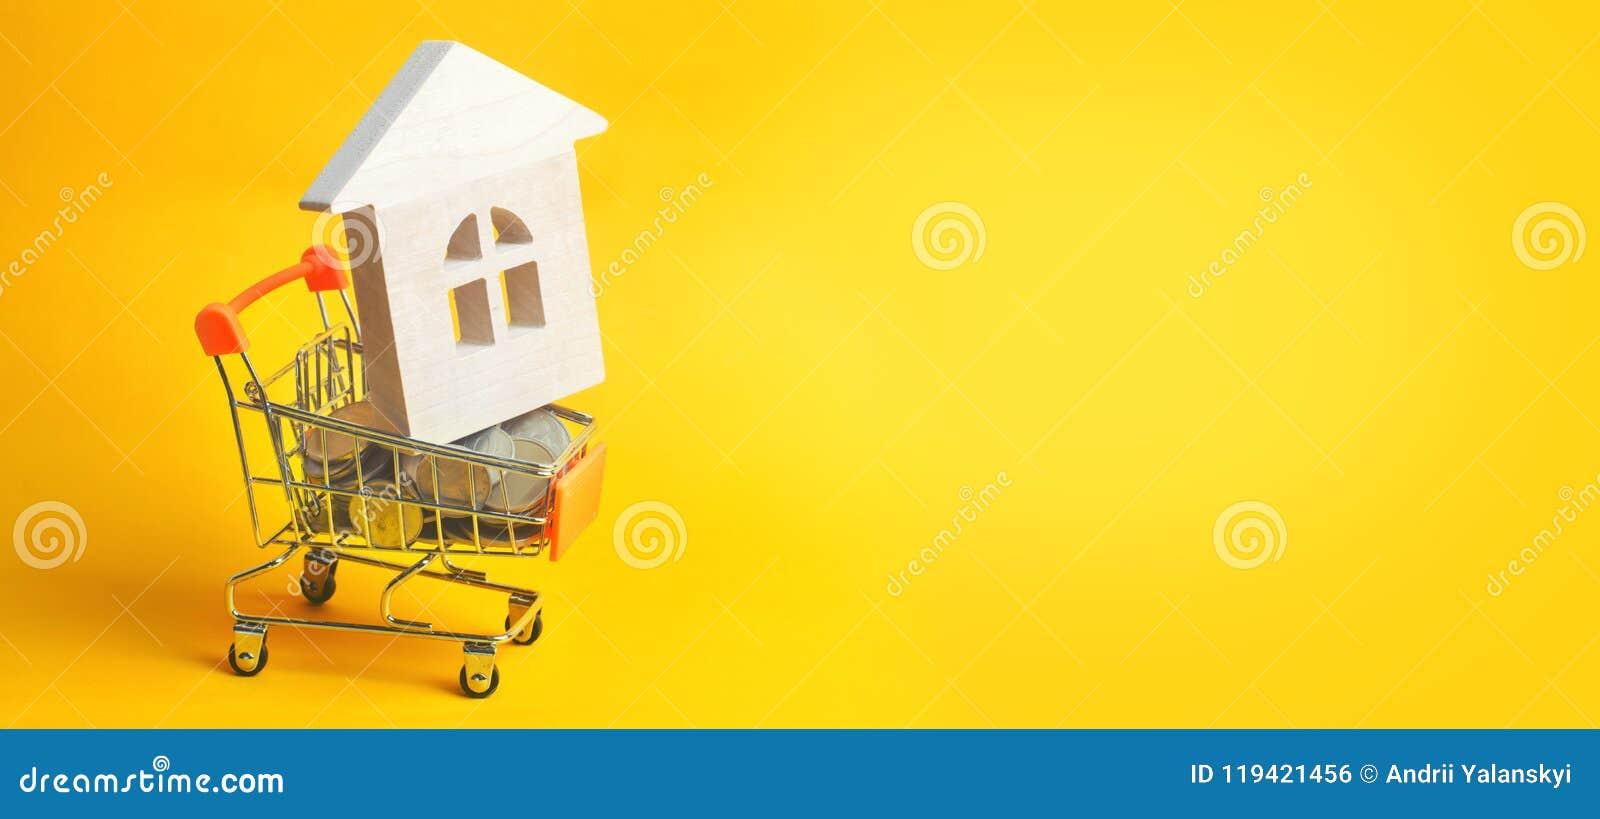 物产投资和房子抵押财政概念 买,租赁和卖公寓 庄园舱内甲板房子实际租金销售额 硬币和木